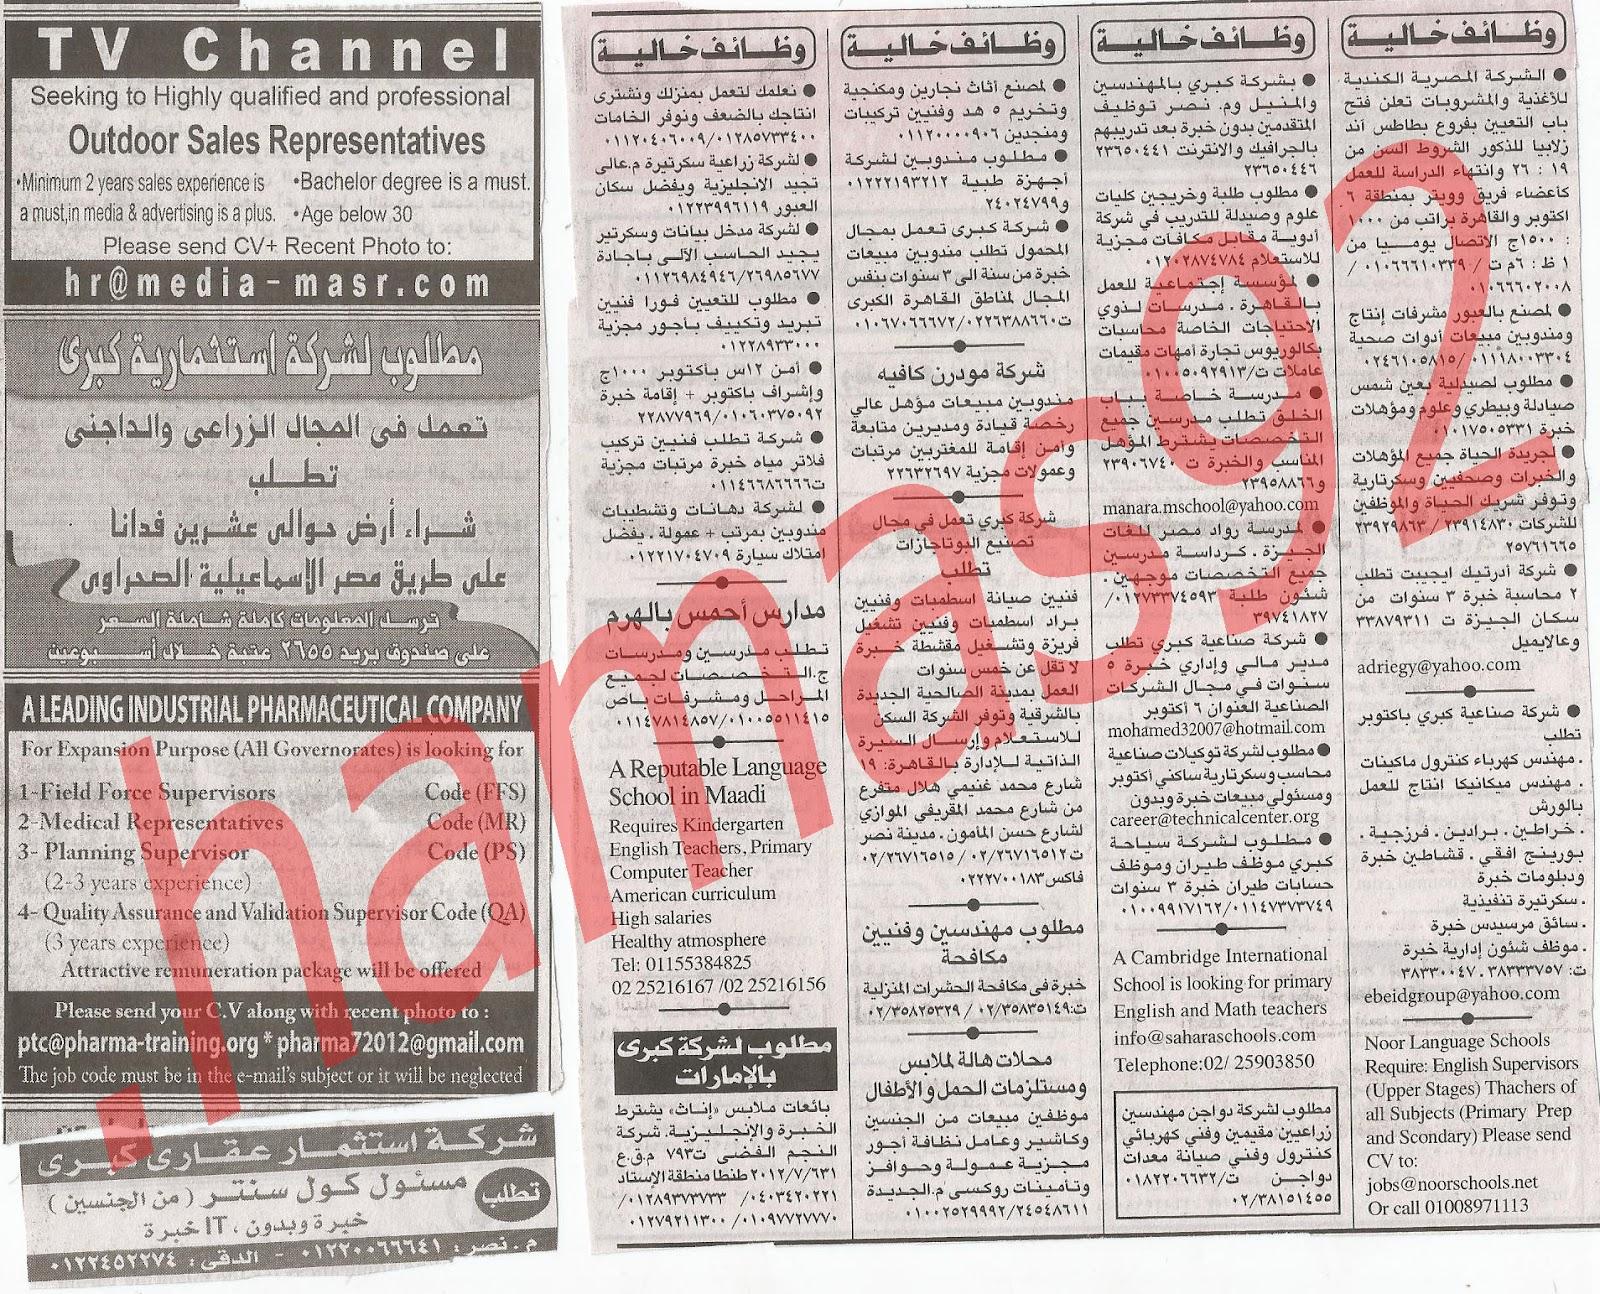 اعلانات وظائف جريدة الاهرام الجمعة 13/7/2012 كاملة - الاهرام الاسبوعى 6